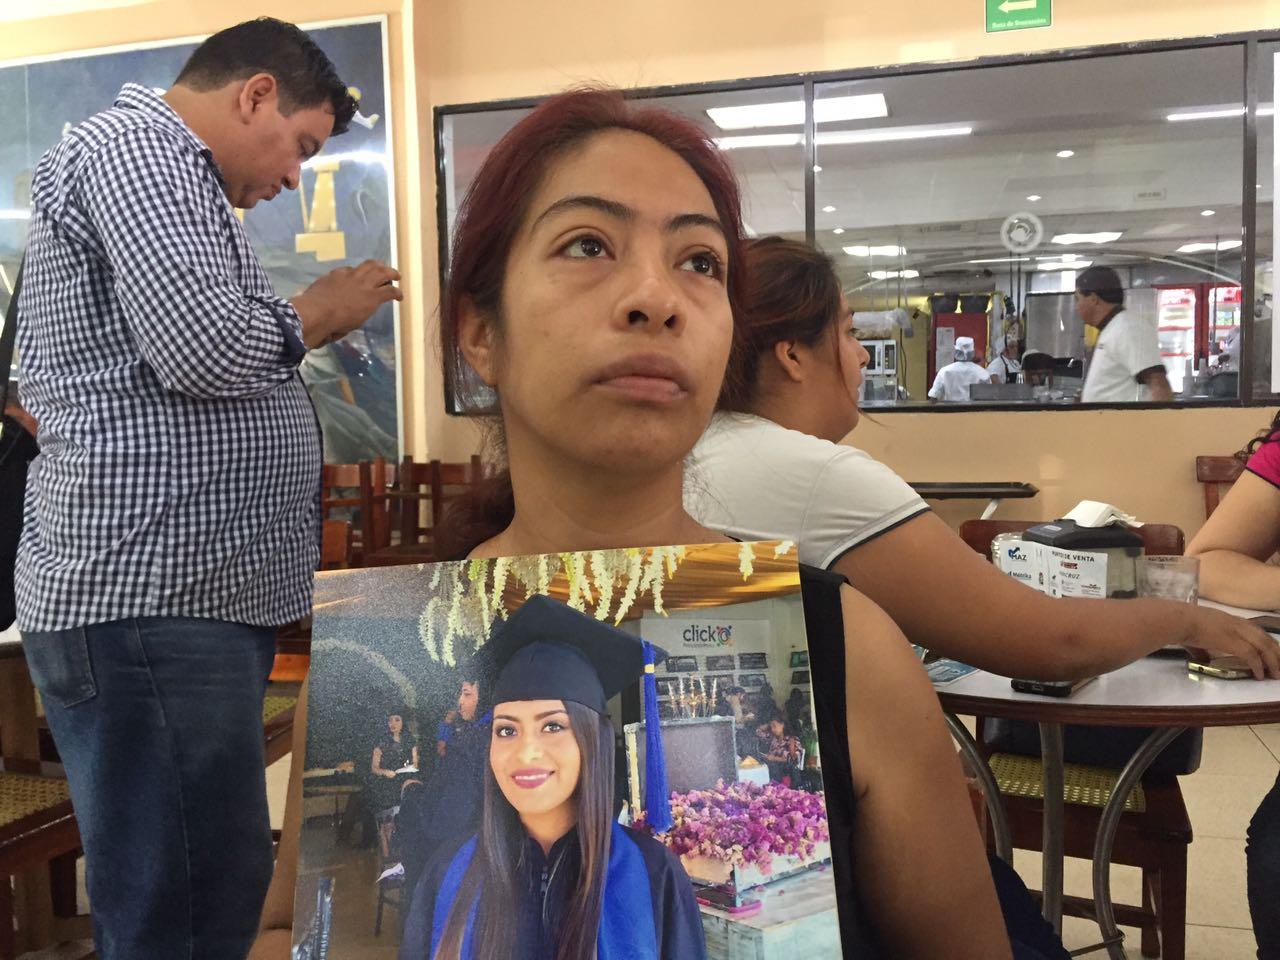 Llaman a movilización por asesinato de joven veracruzana